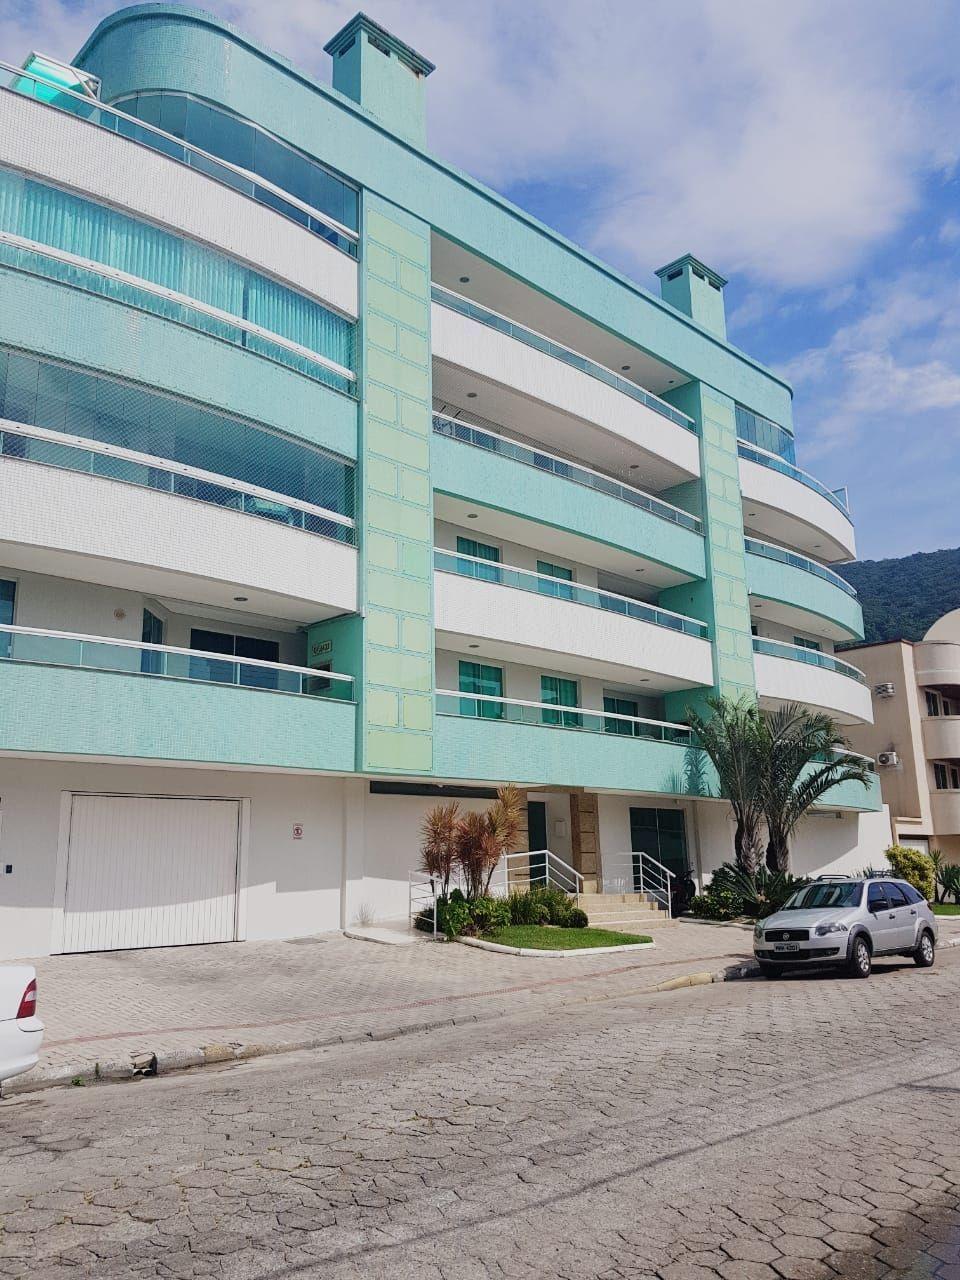 Cobertura com 3 Dormitórios para alugar, 130 m² valor à combinar